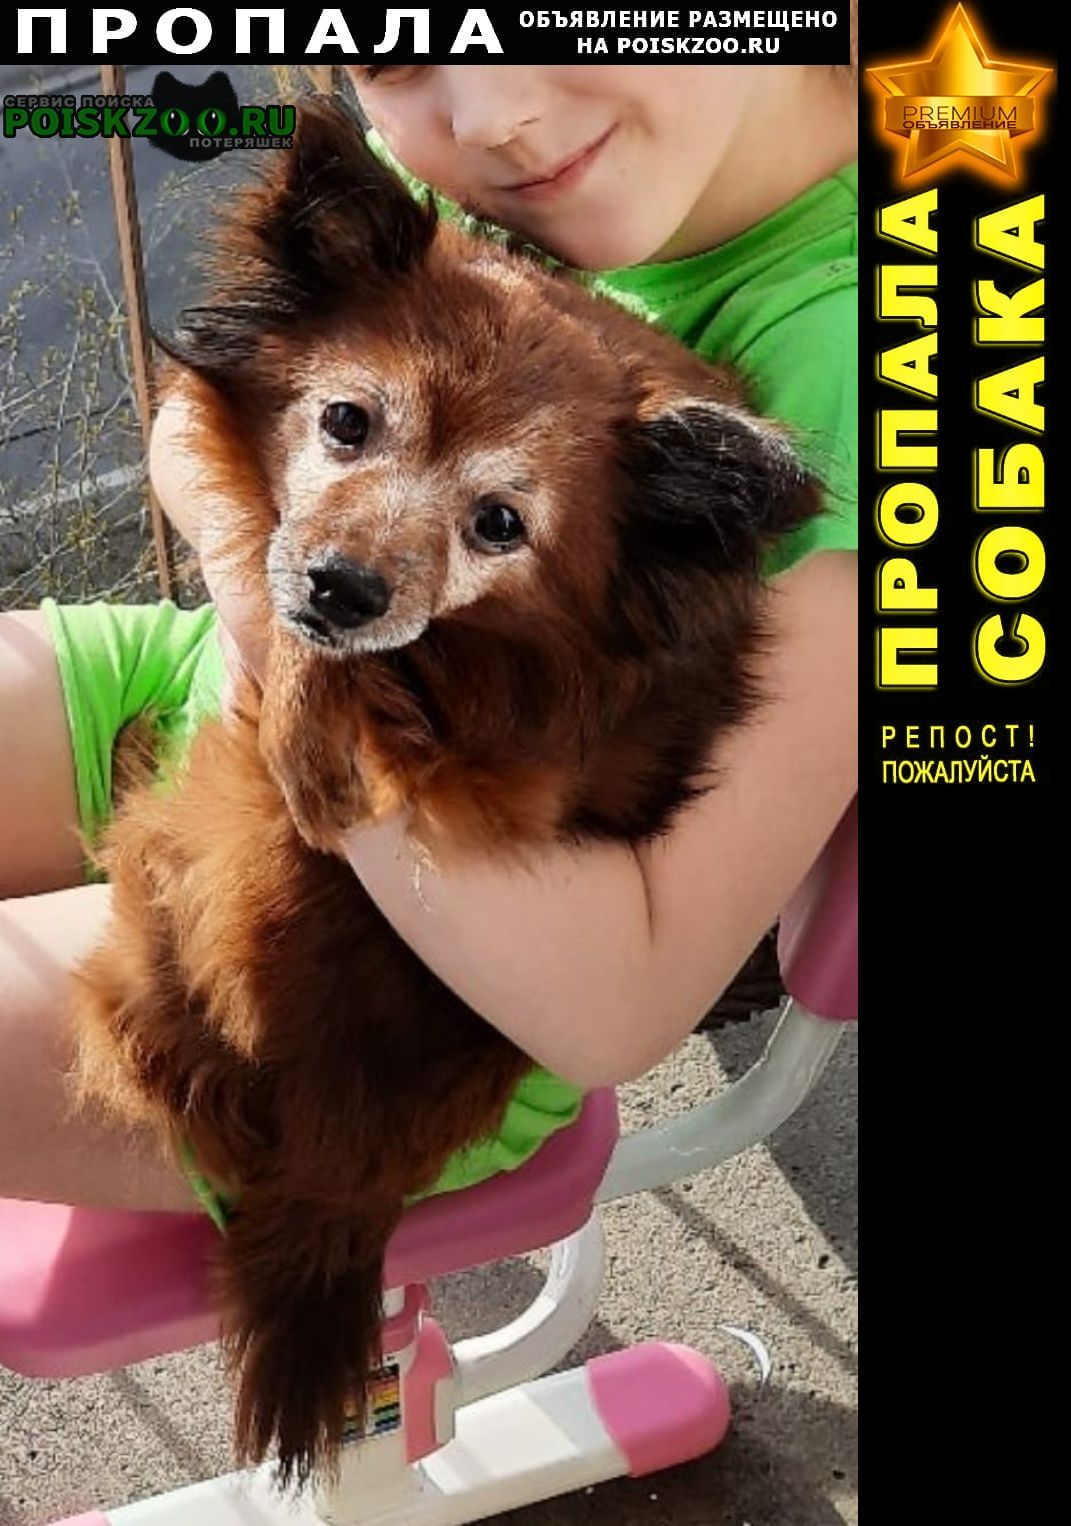 Санкт-Петербург Пропала собака той-терьер рыжего цвета